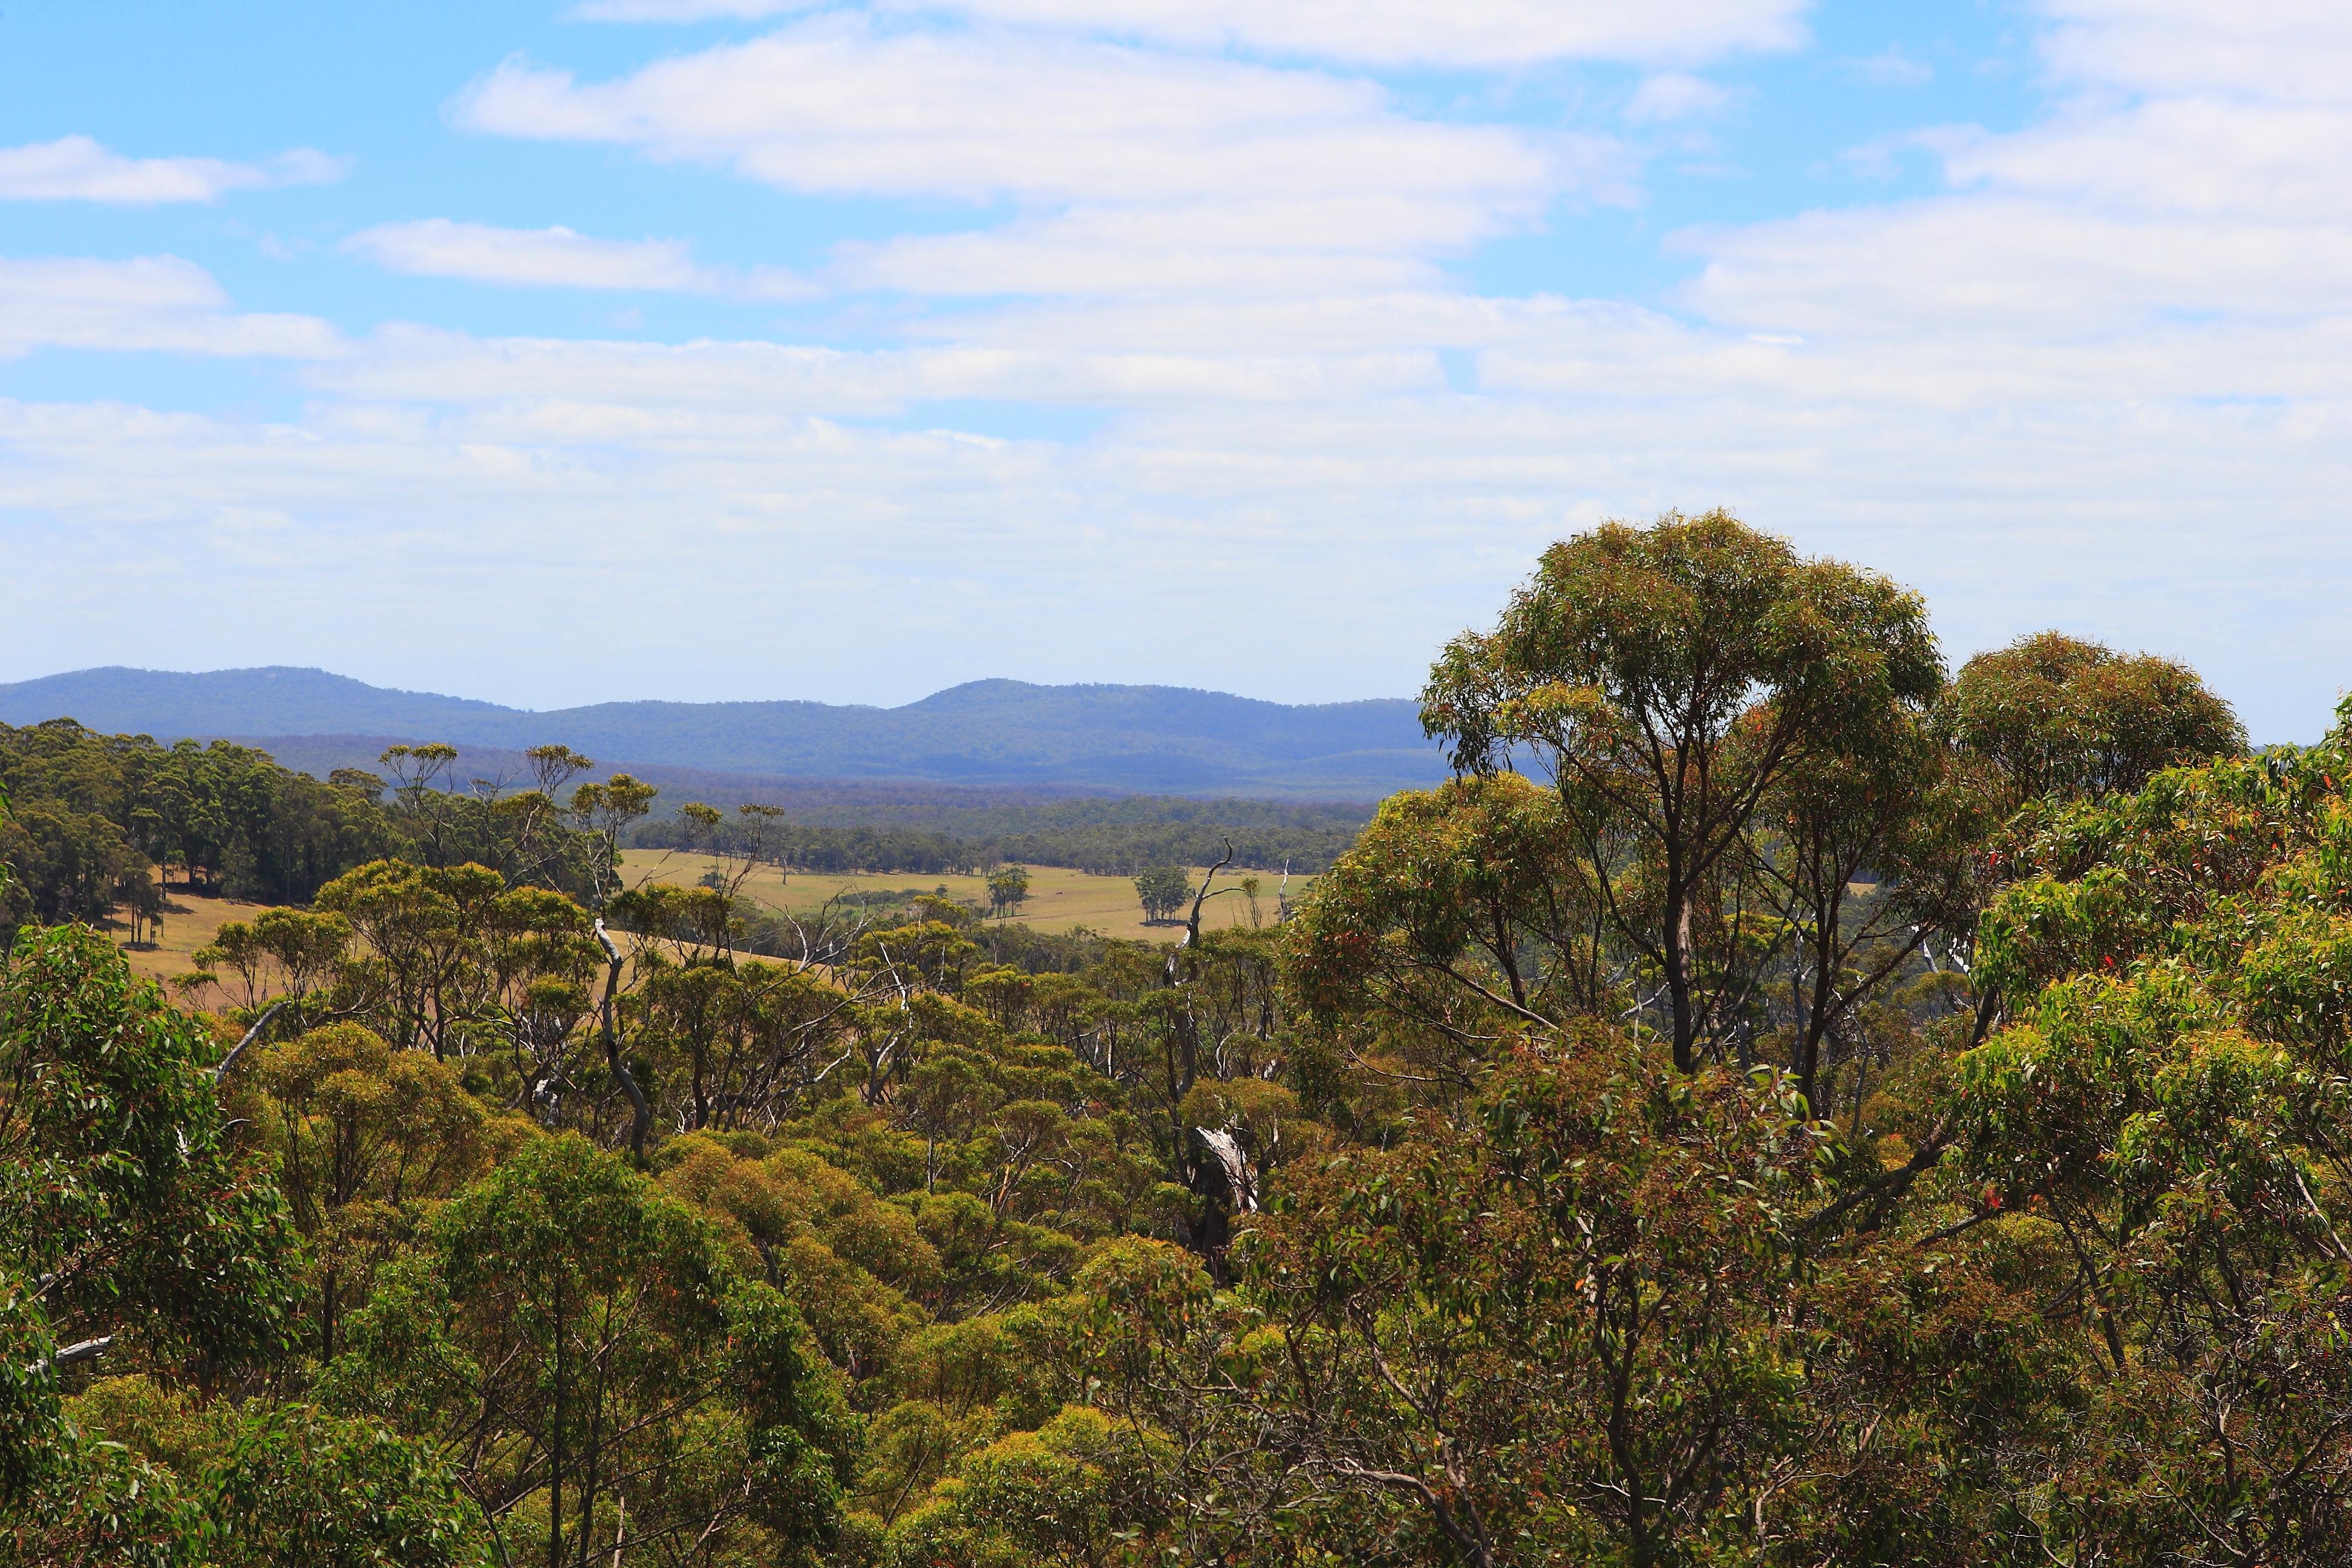 Australia_Outback_70